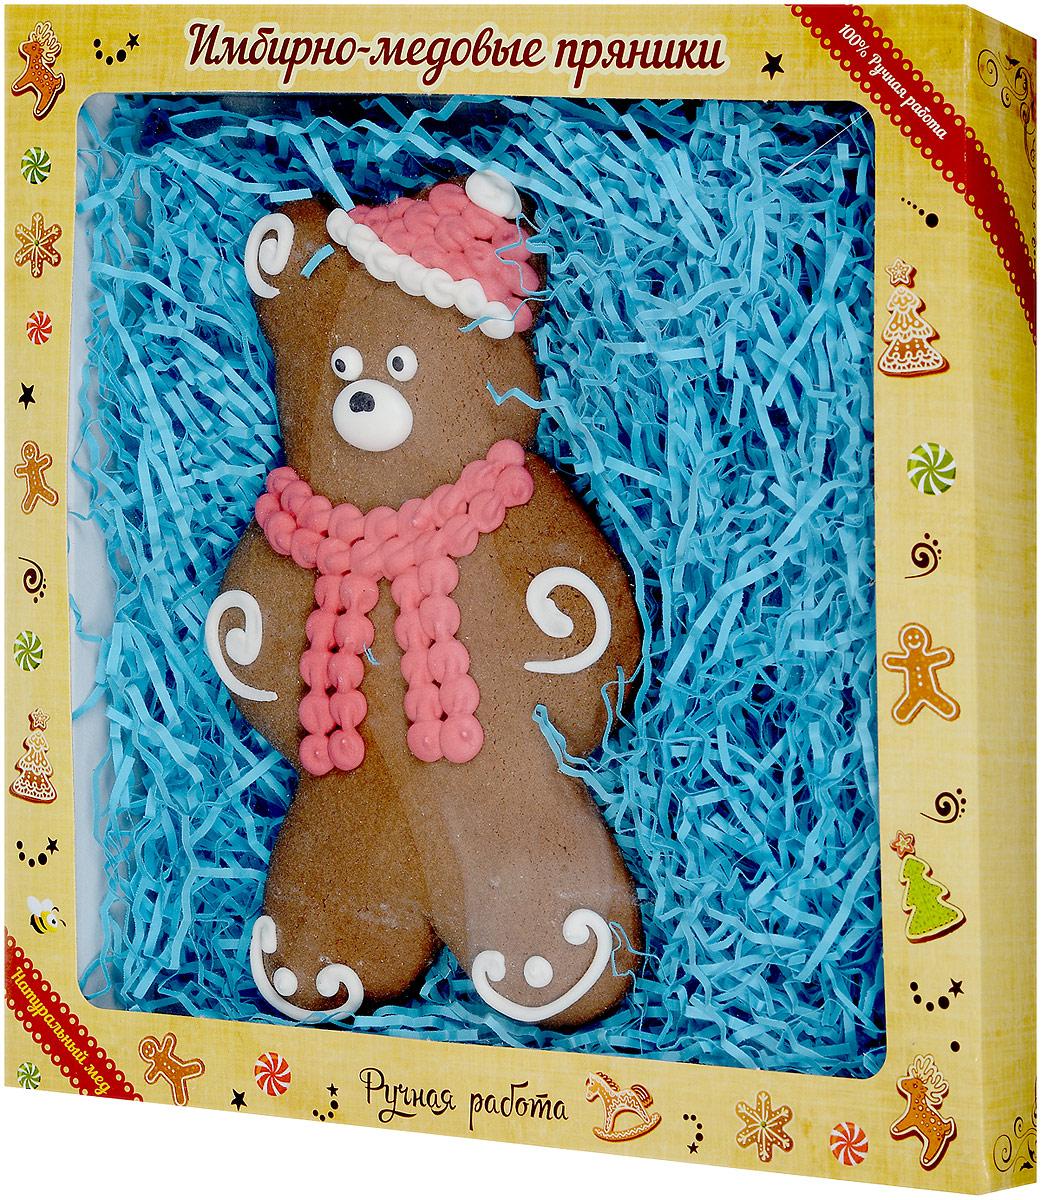 Софи Пряничный мишка ручной работы в коробке, 105 г1121При изготовлении имбирно-медового пряника Мишка используются только натуральные ингредиенты высочайшего качества в оригинальных сочетаниях. Сделанный с любовью руками мастера, этот продукт дарит тепло его души и доставит незабываемое удовольствие. Этот пряничный мишка станет отличным подарком вашим близким на Новый год или Рождество.